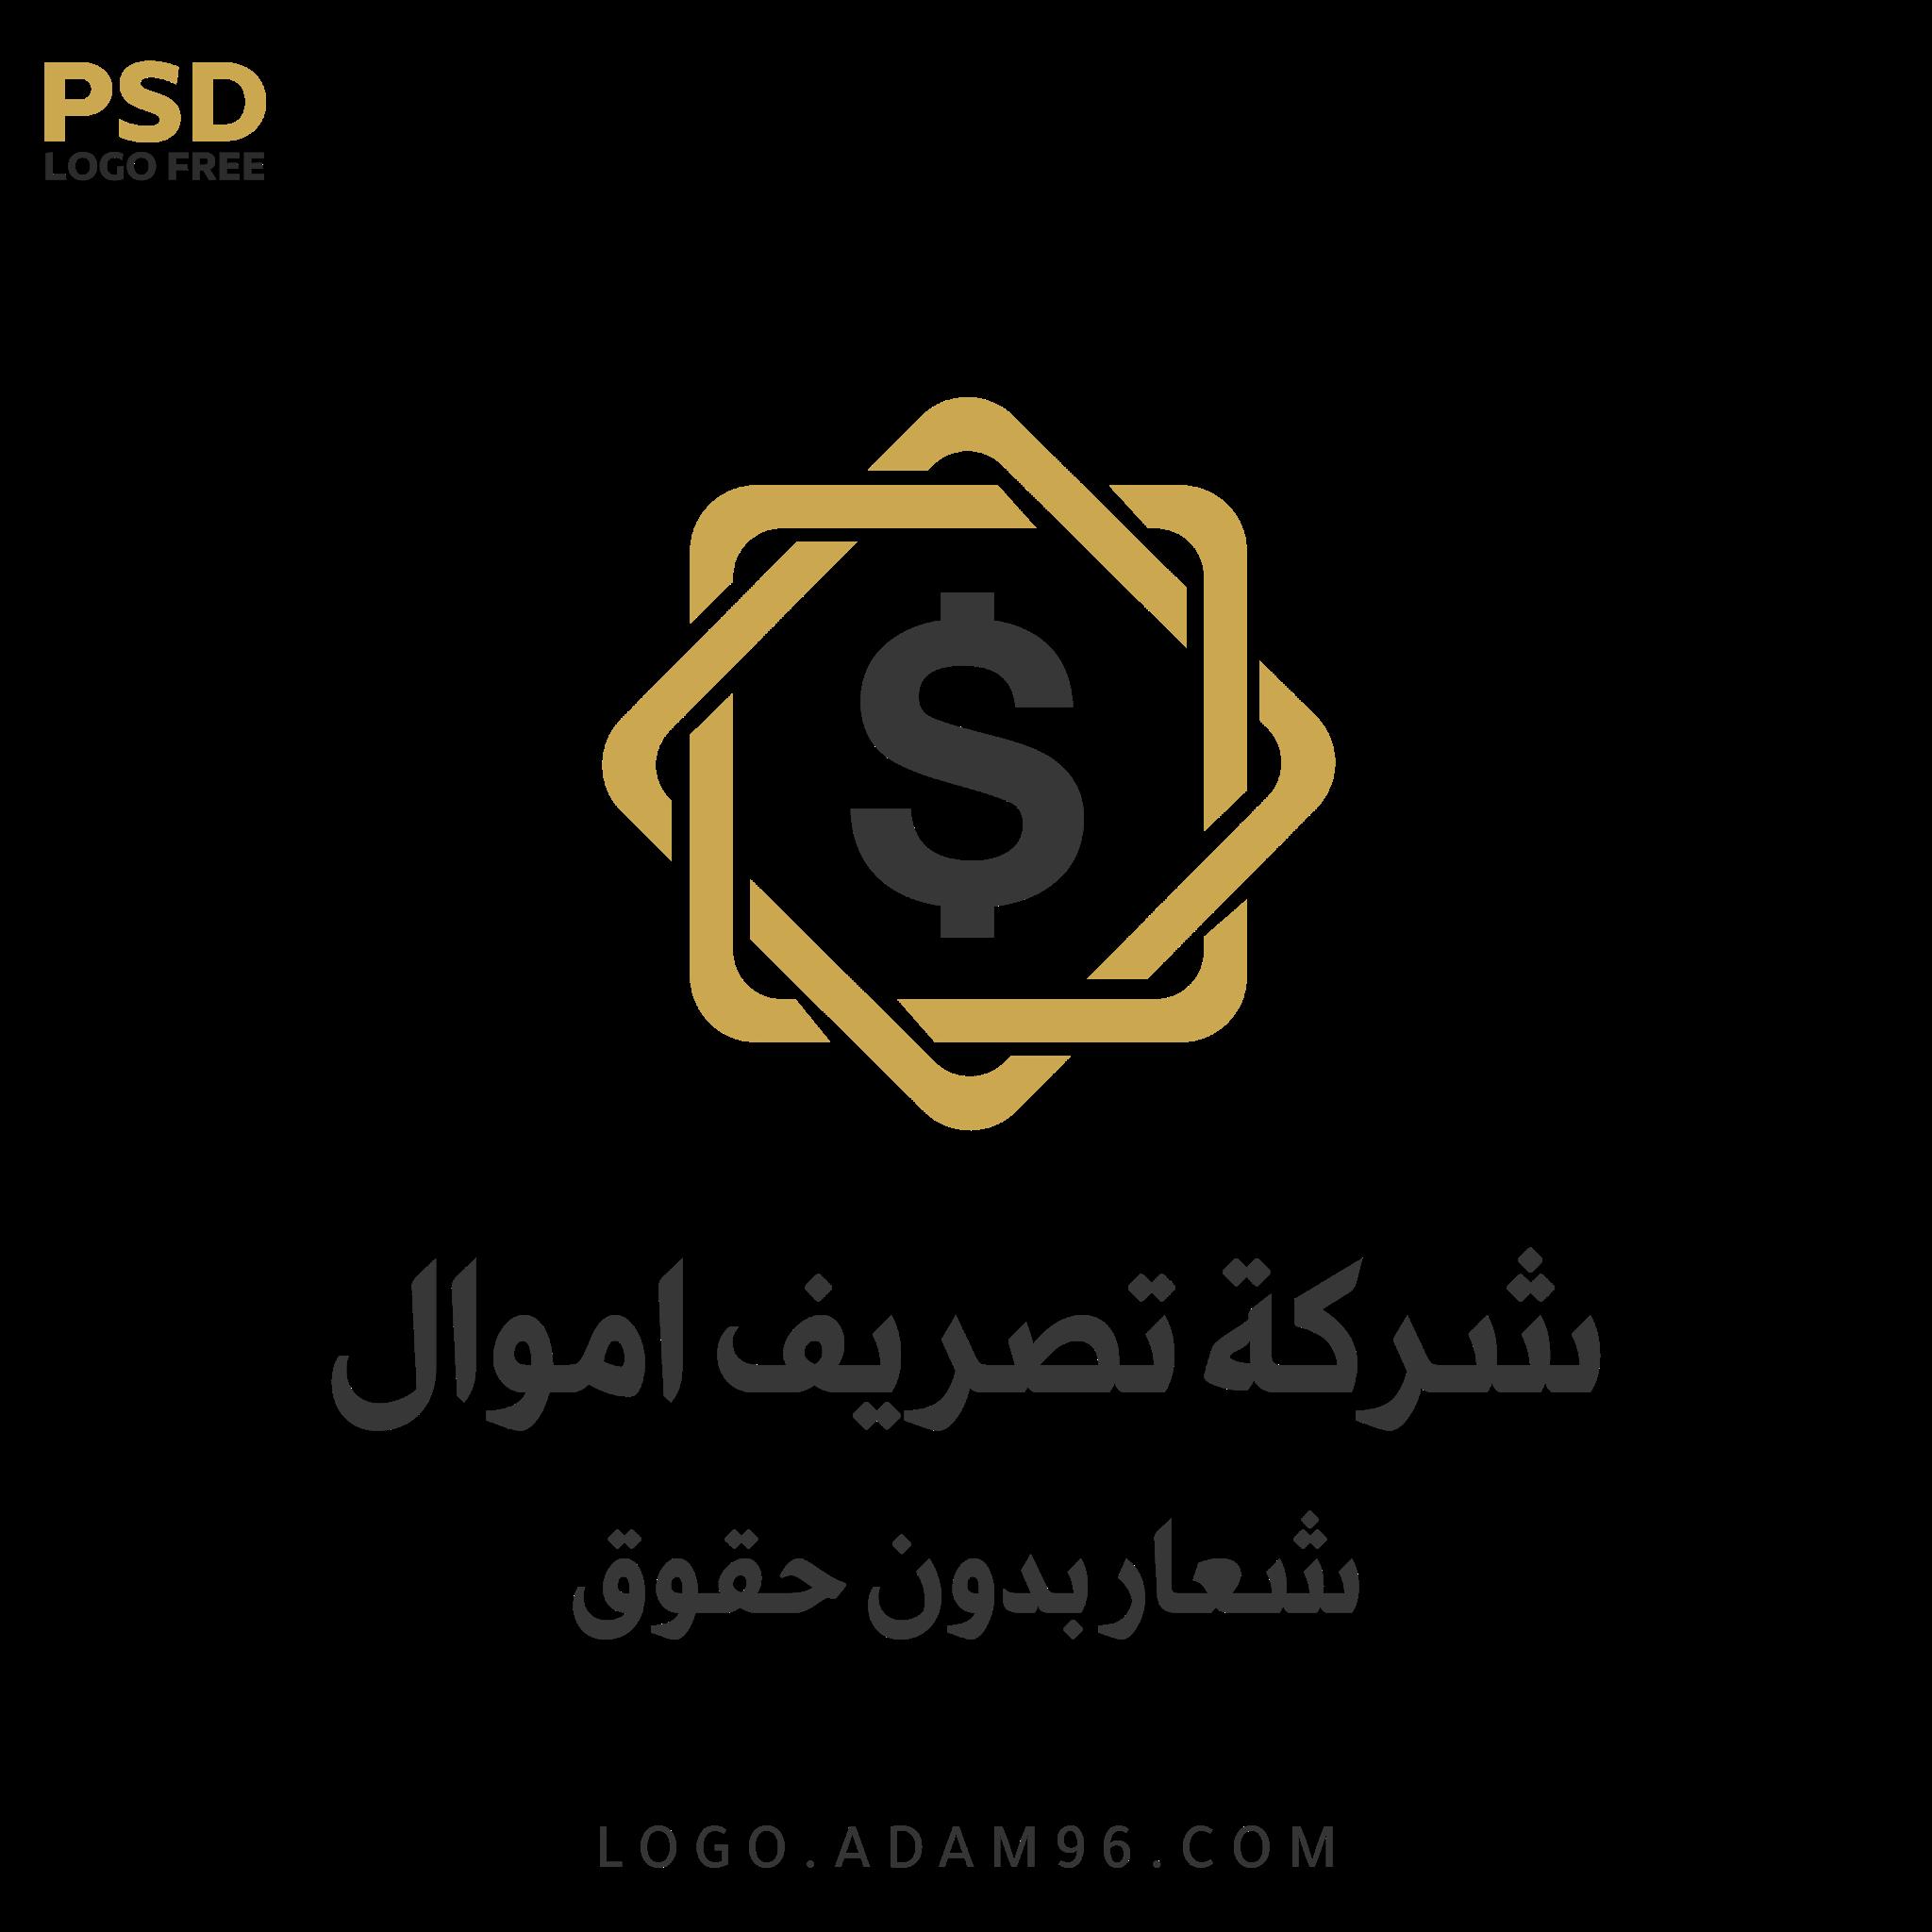 تحميل شعار شركة تصريف اموال لوجو احترافي مجاناً بدون حقوق بصيغة PSD